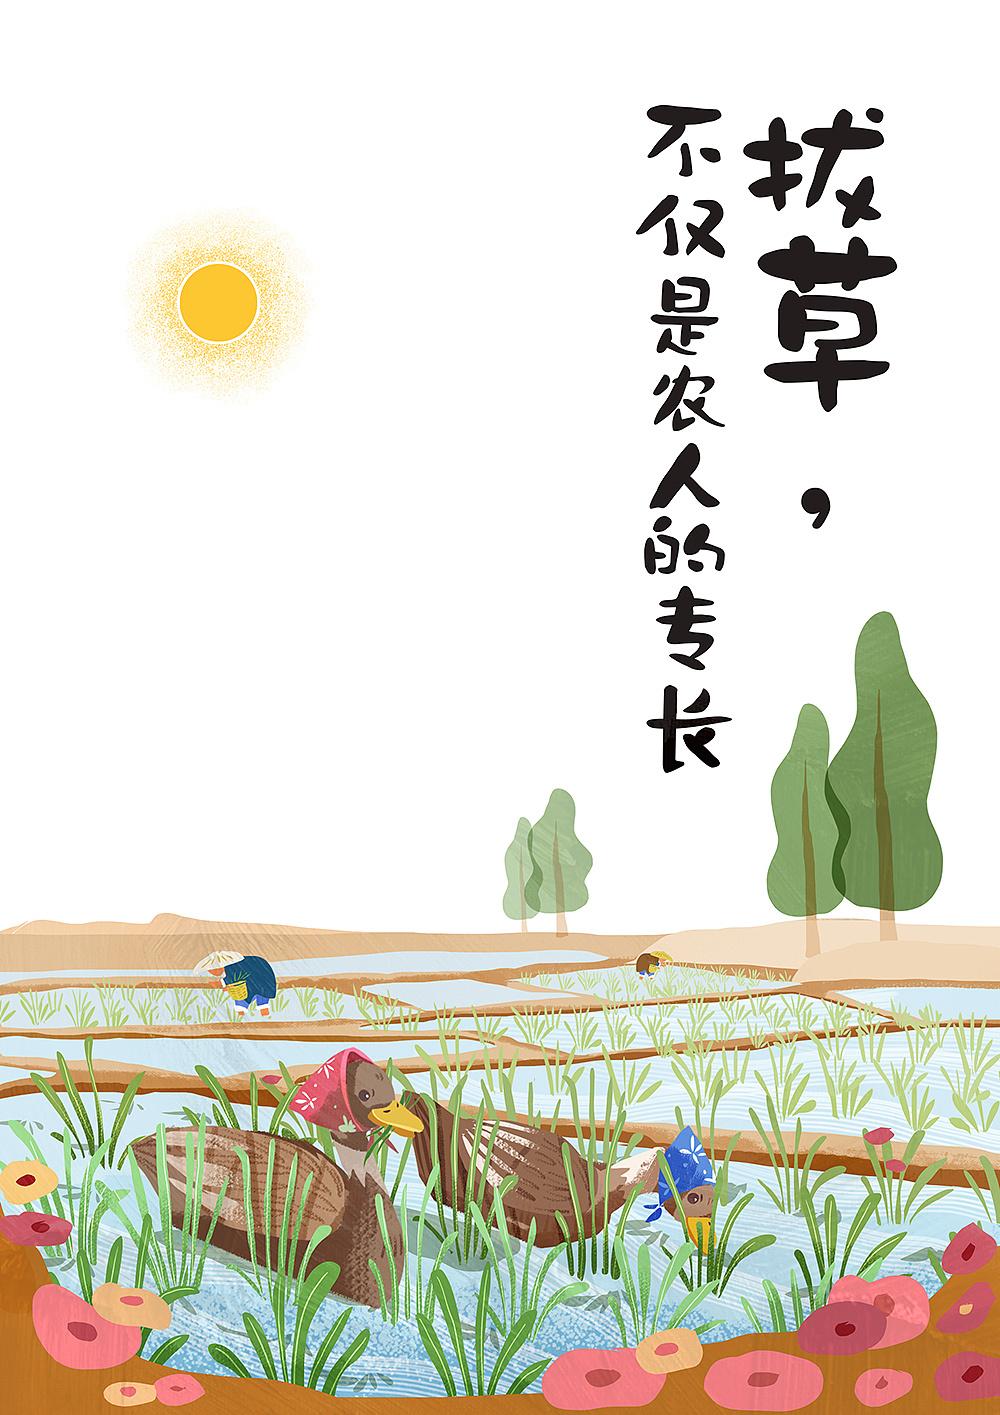 与归来兮有机农庄合作的稻田鸭插画图片